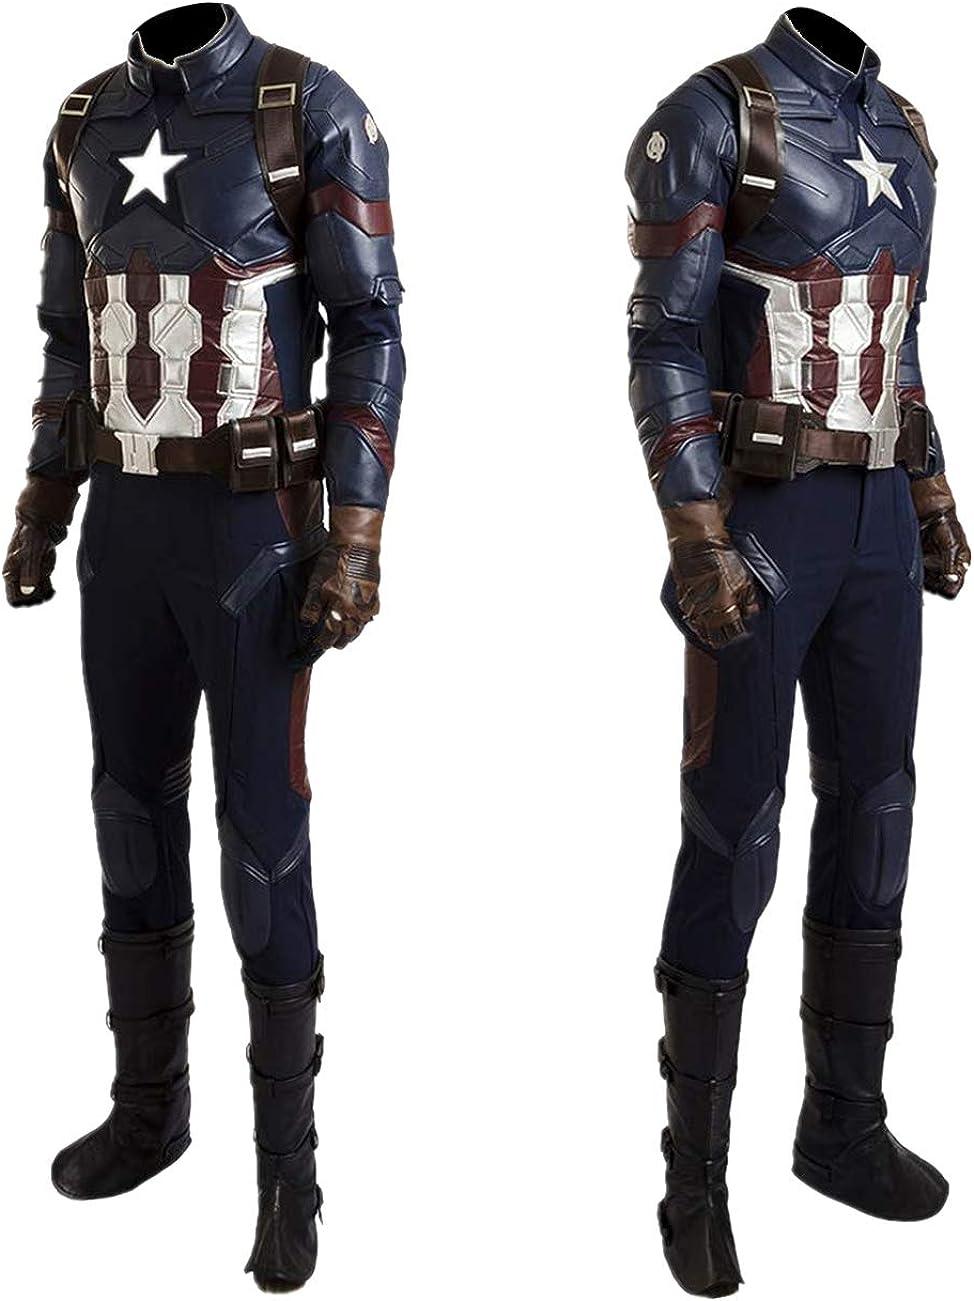 Superhero Captain Soldier Costume Deluxe Halloween Cosplay Full Set PU Suit